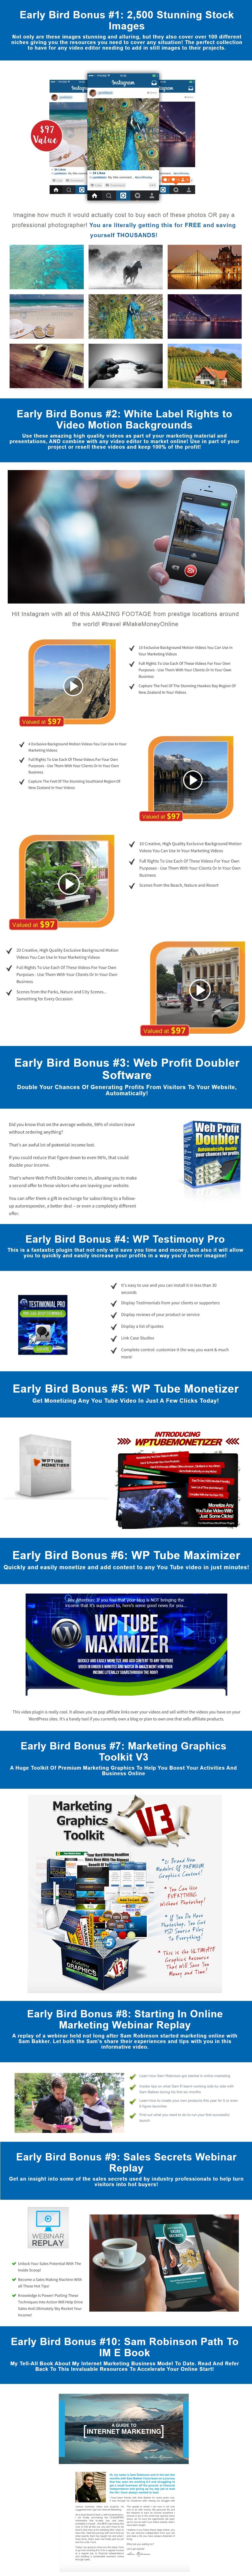 Vid Invision Enterprise Bonus